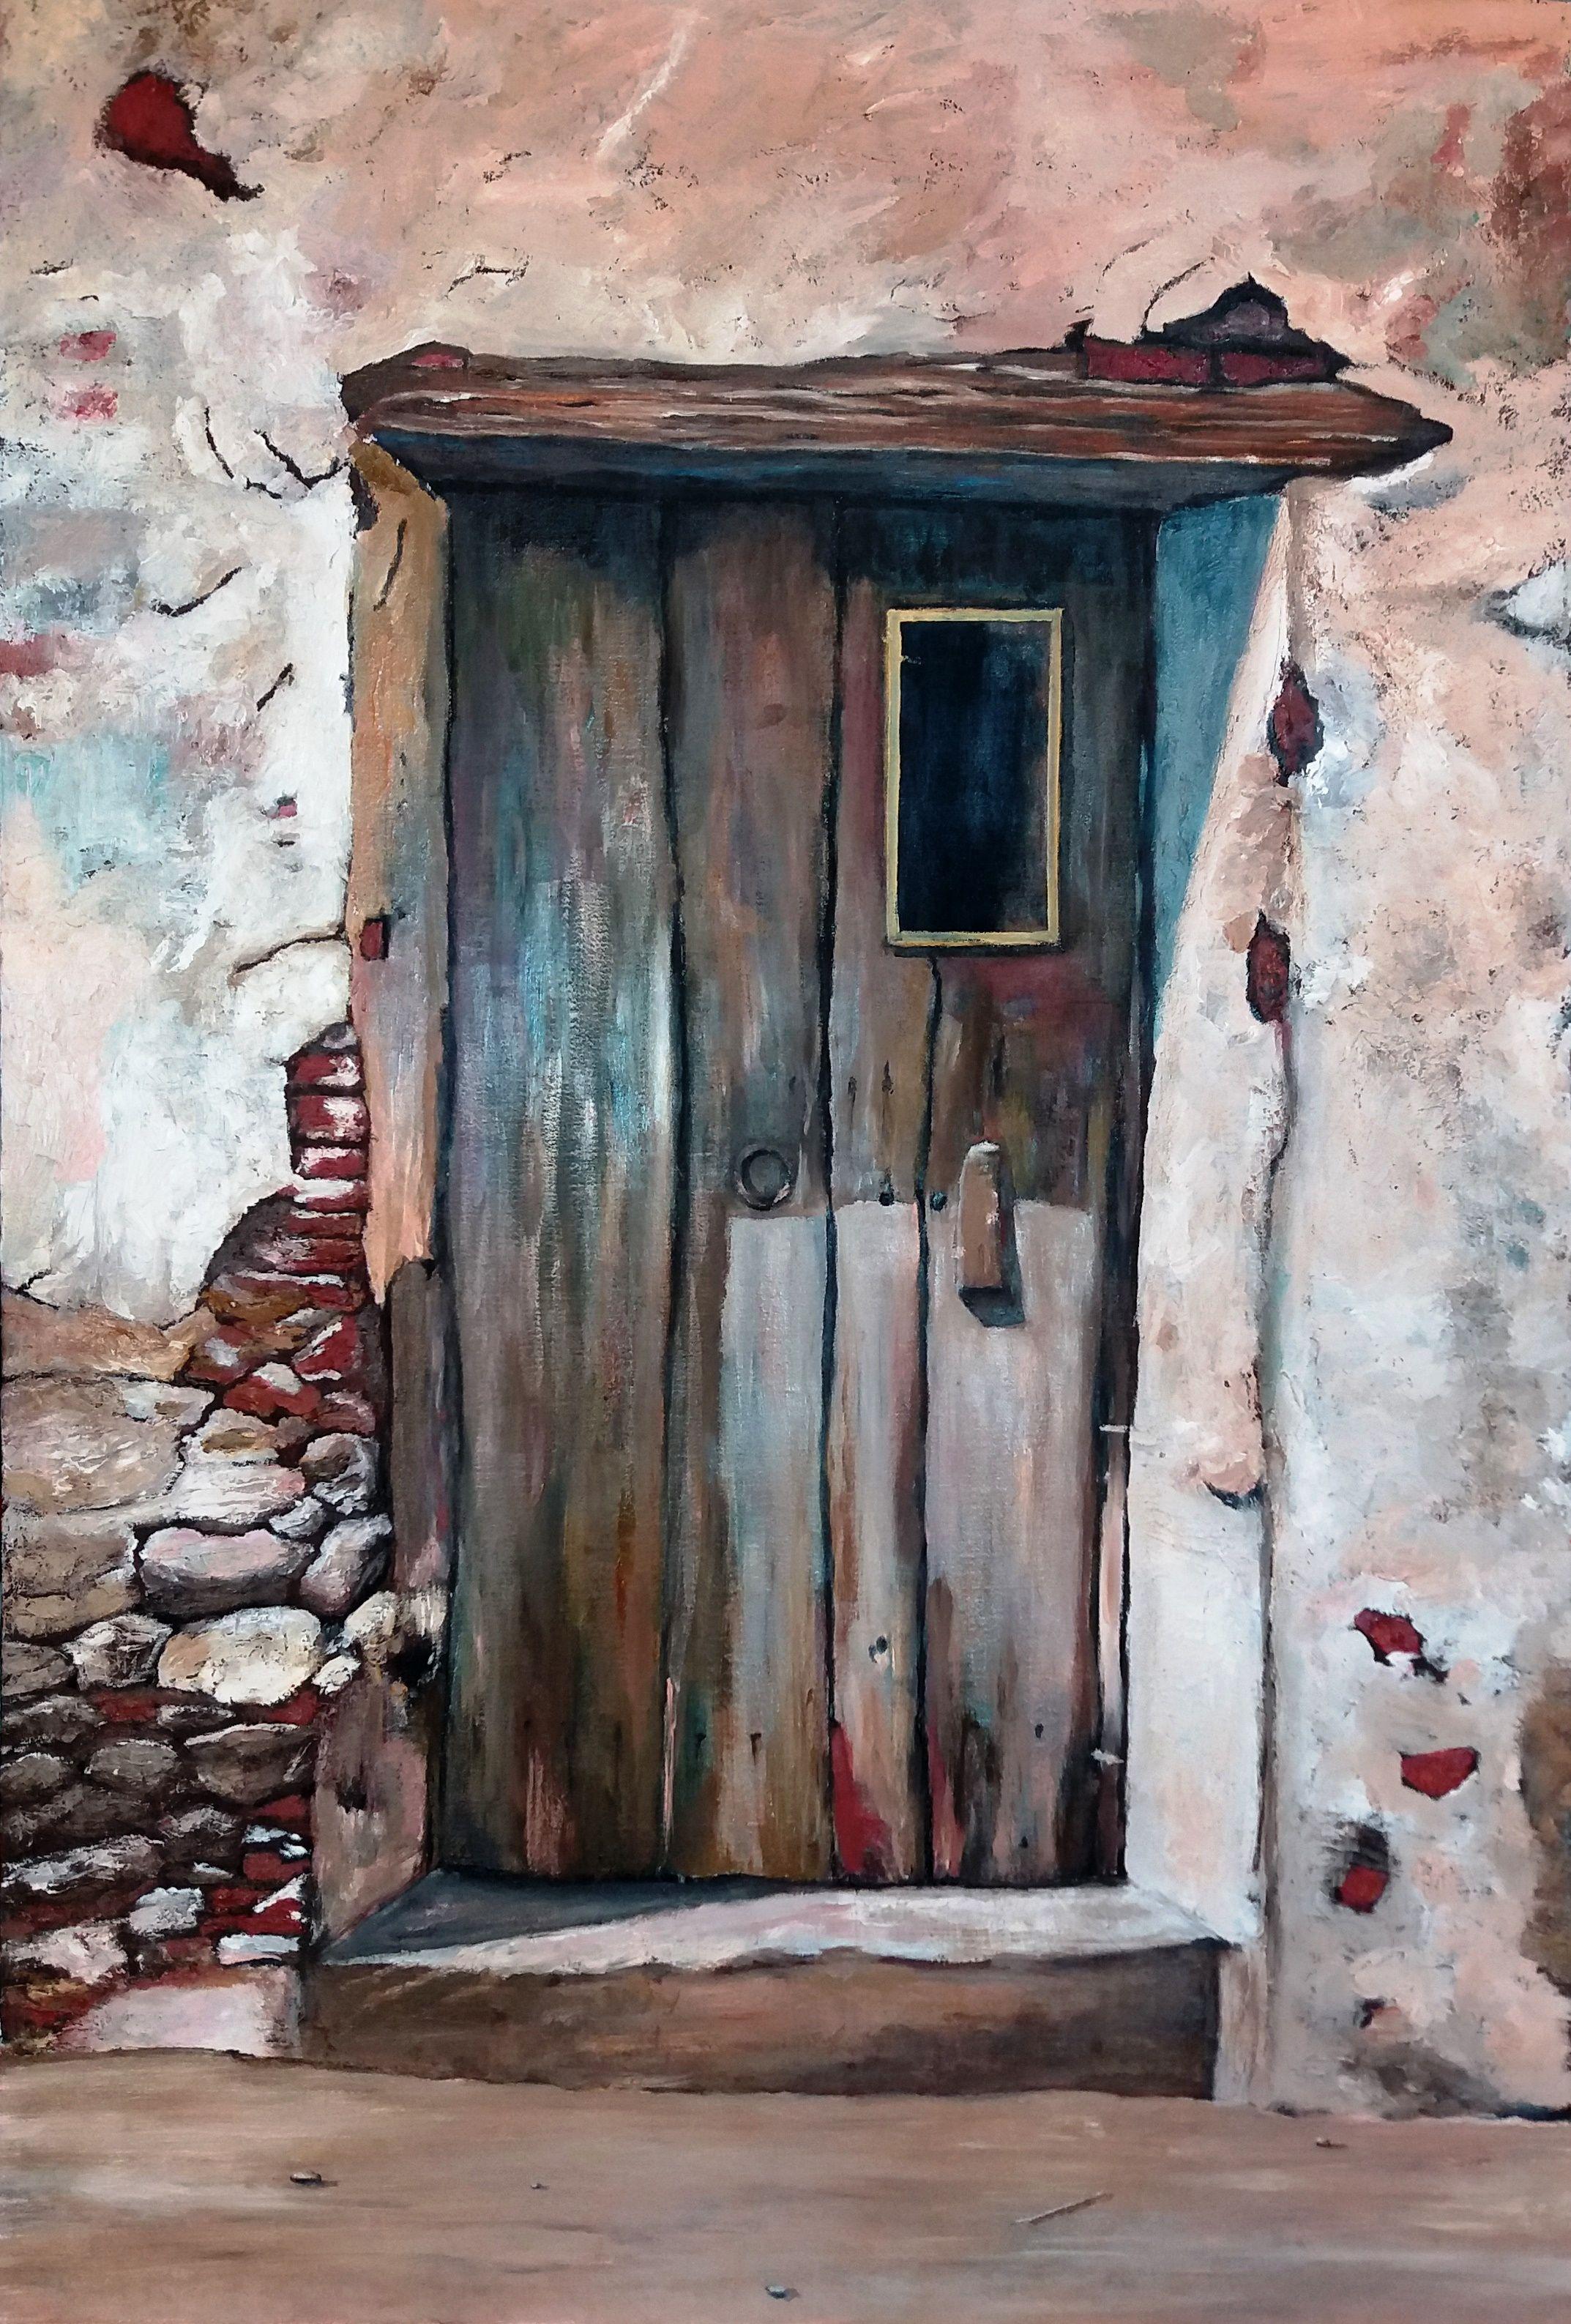 ANA MARÍA VALDÉS M. Puerta vieja óleo sobre tela de 60 x 90 cms (Réplica) Primera pintura de Ana-María en el Taller. ¡Felicitaciones! esto promete...